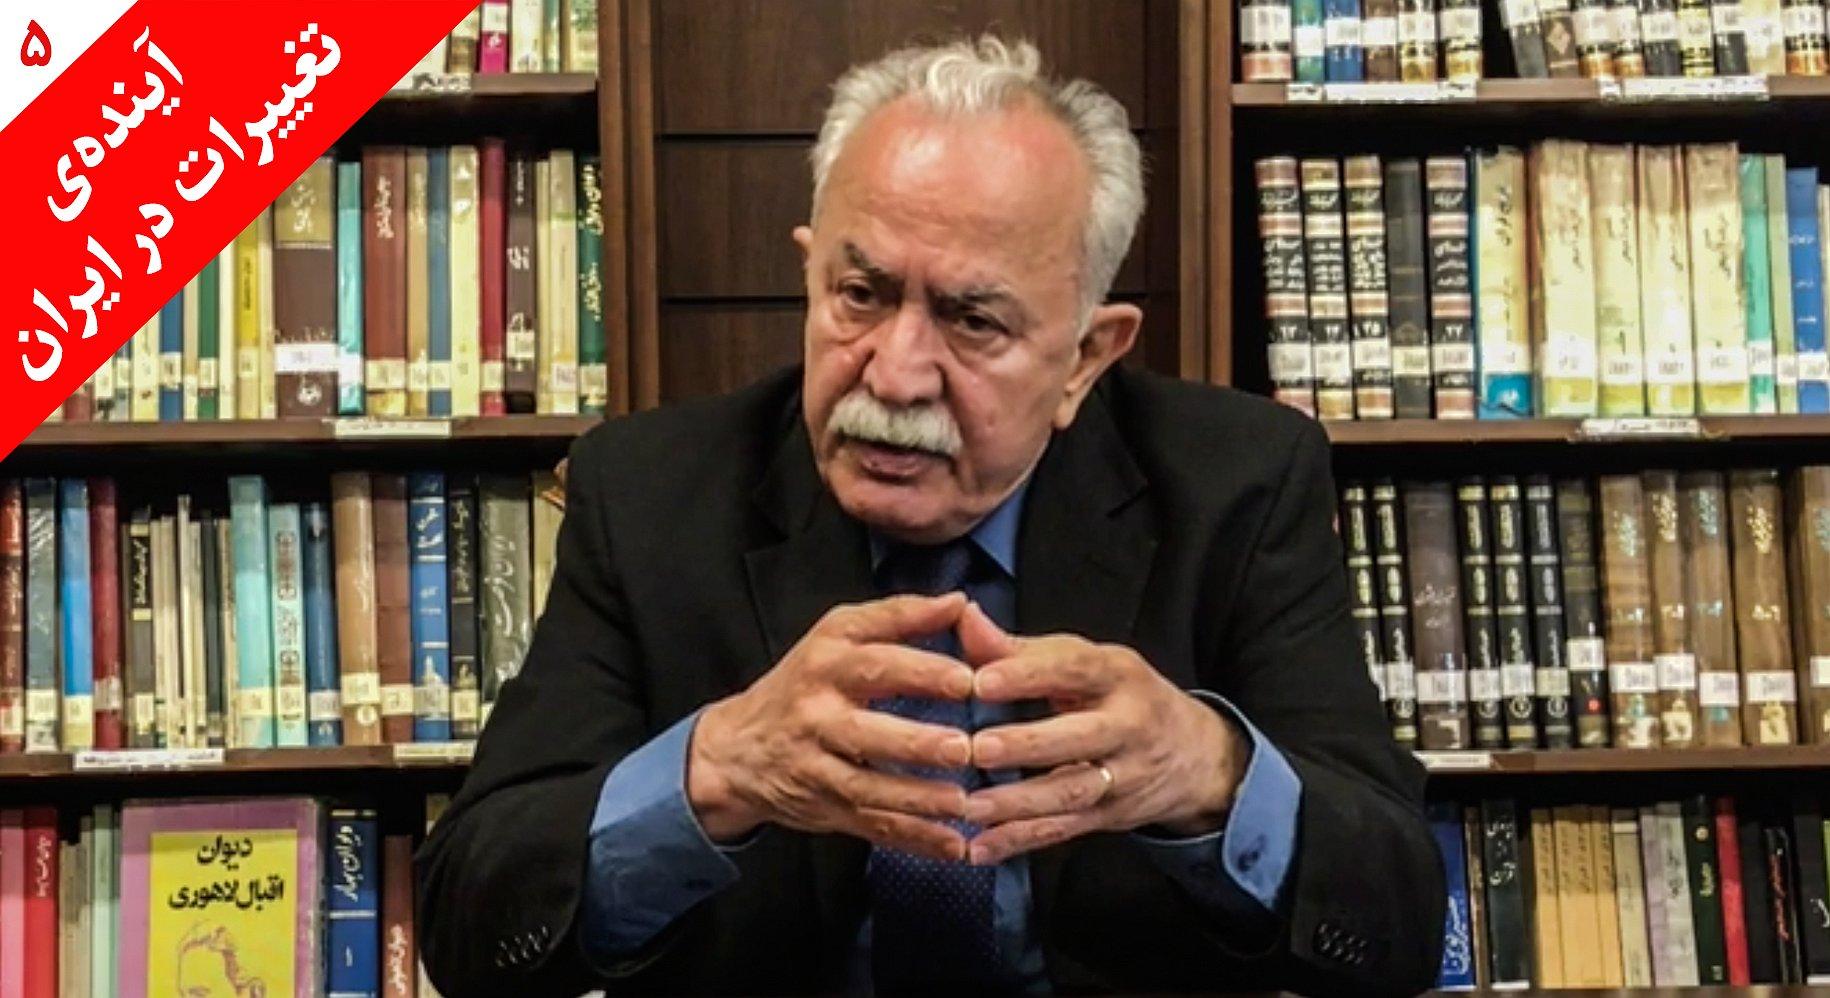 ماشاالله آجودانی: مشکل ملت ایران با تغییر حکومت حل نمیشود